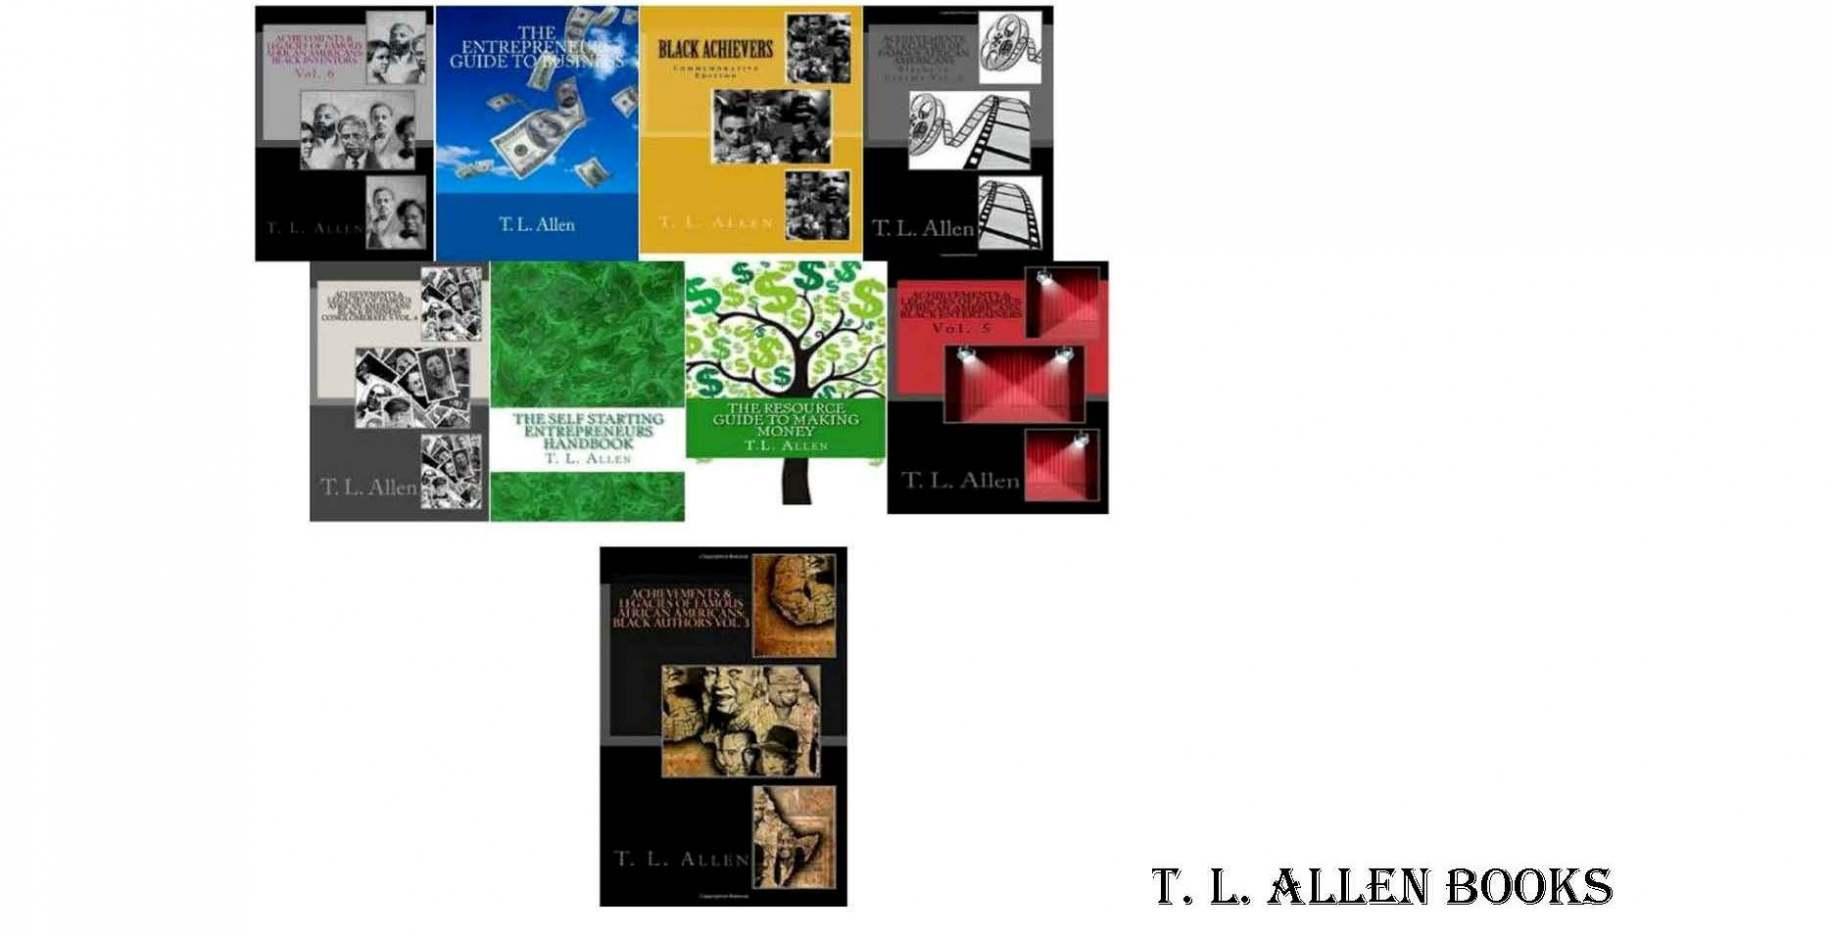 T. L. Allen Books